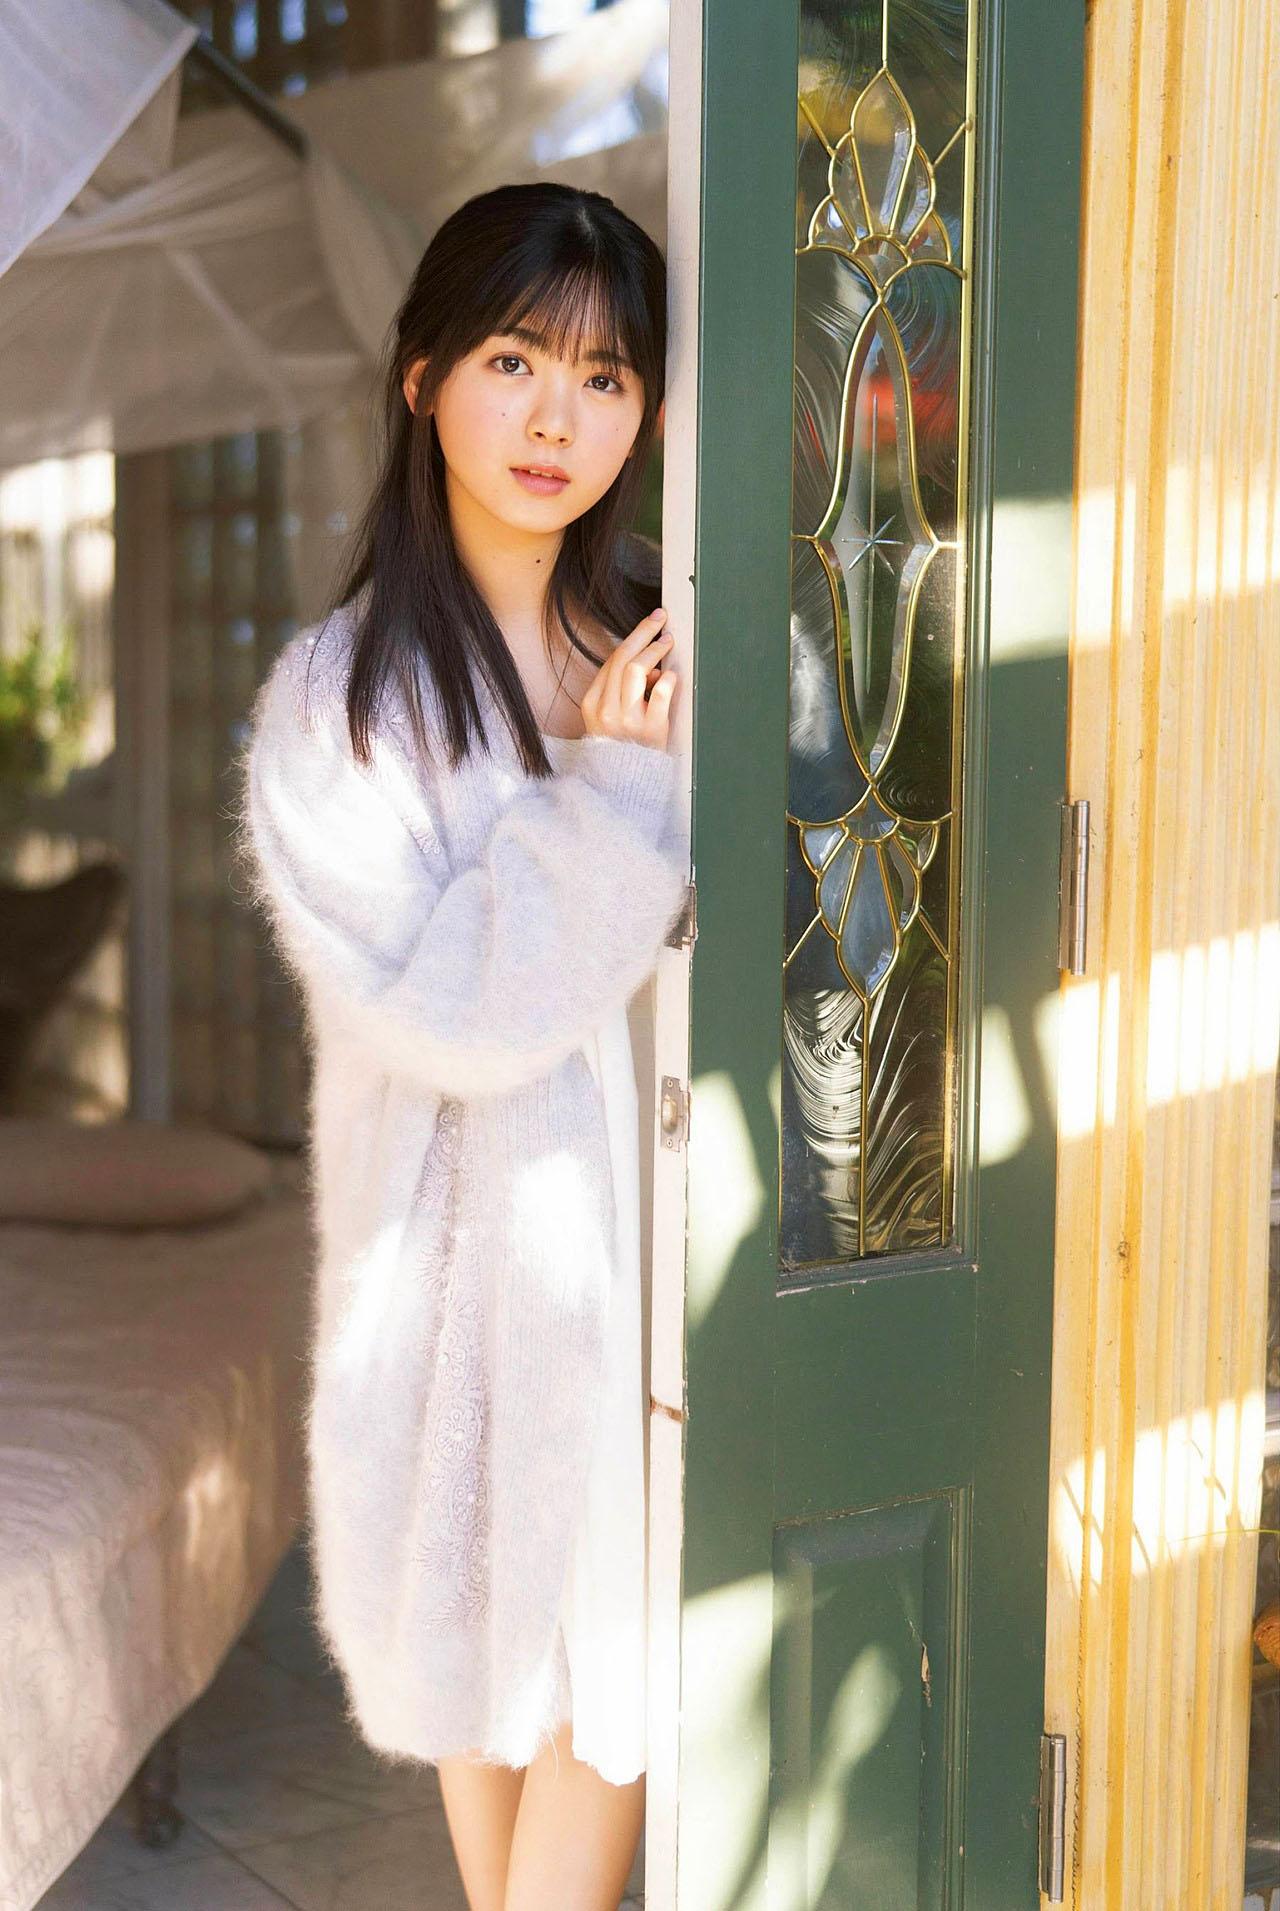 Ayame Tsutsui N46 EnTame 2103 09.jpg